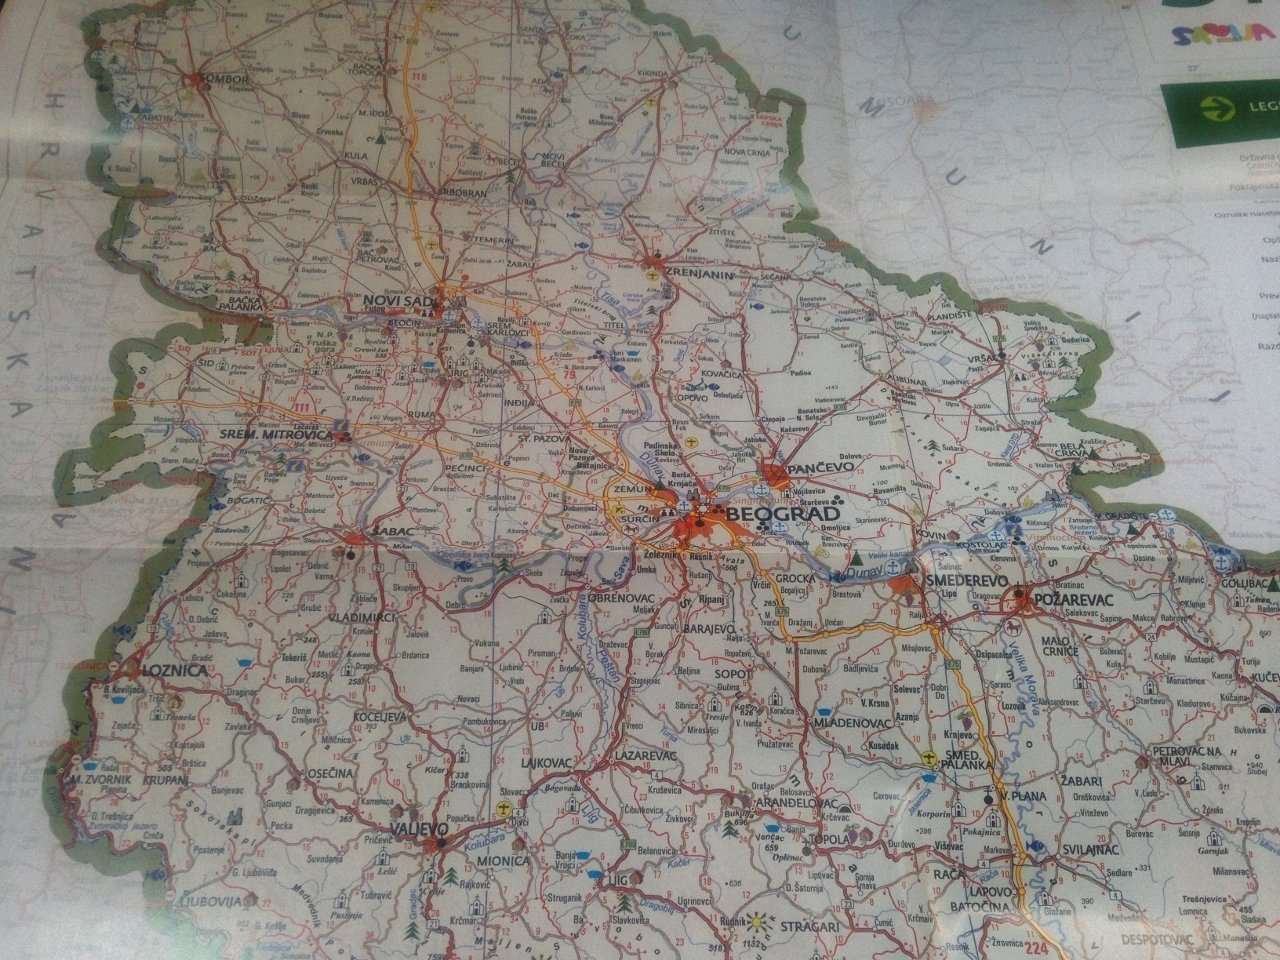 Srbija Turisticka Karta Serbia Tourist Map 1 800 000